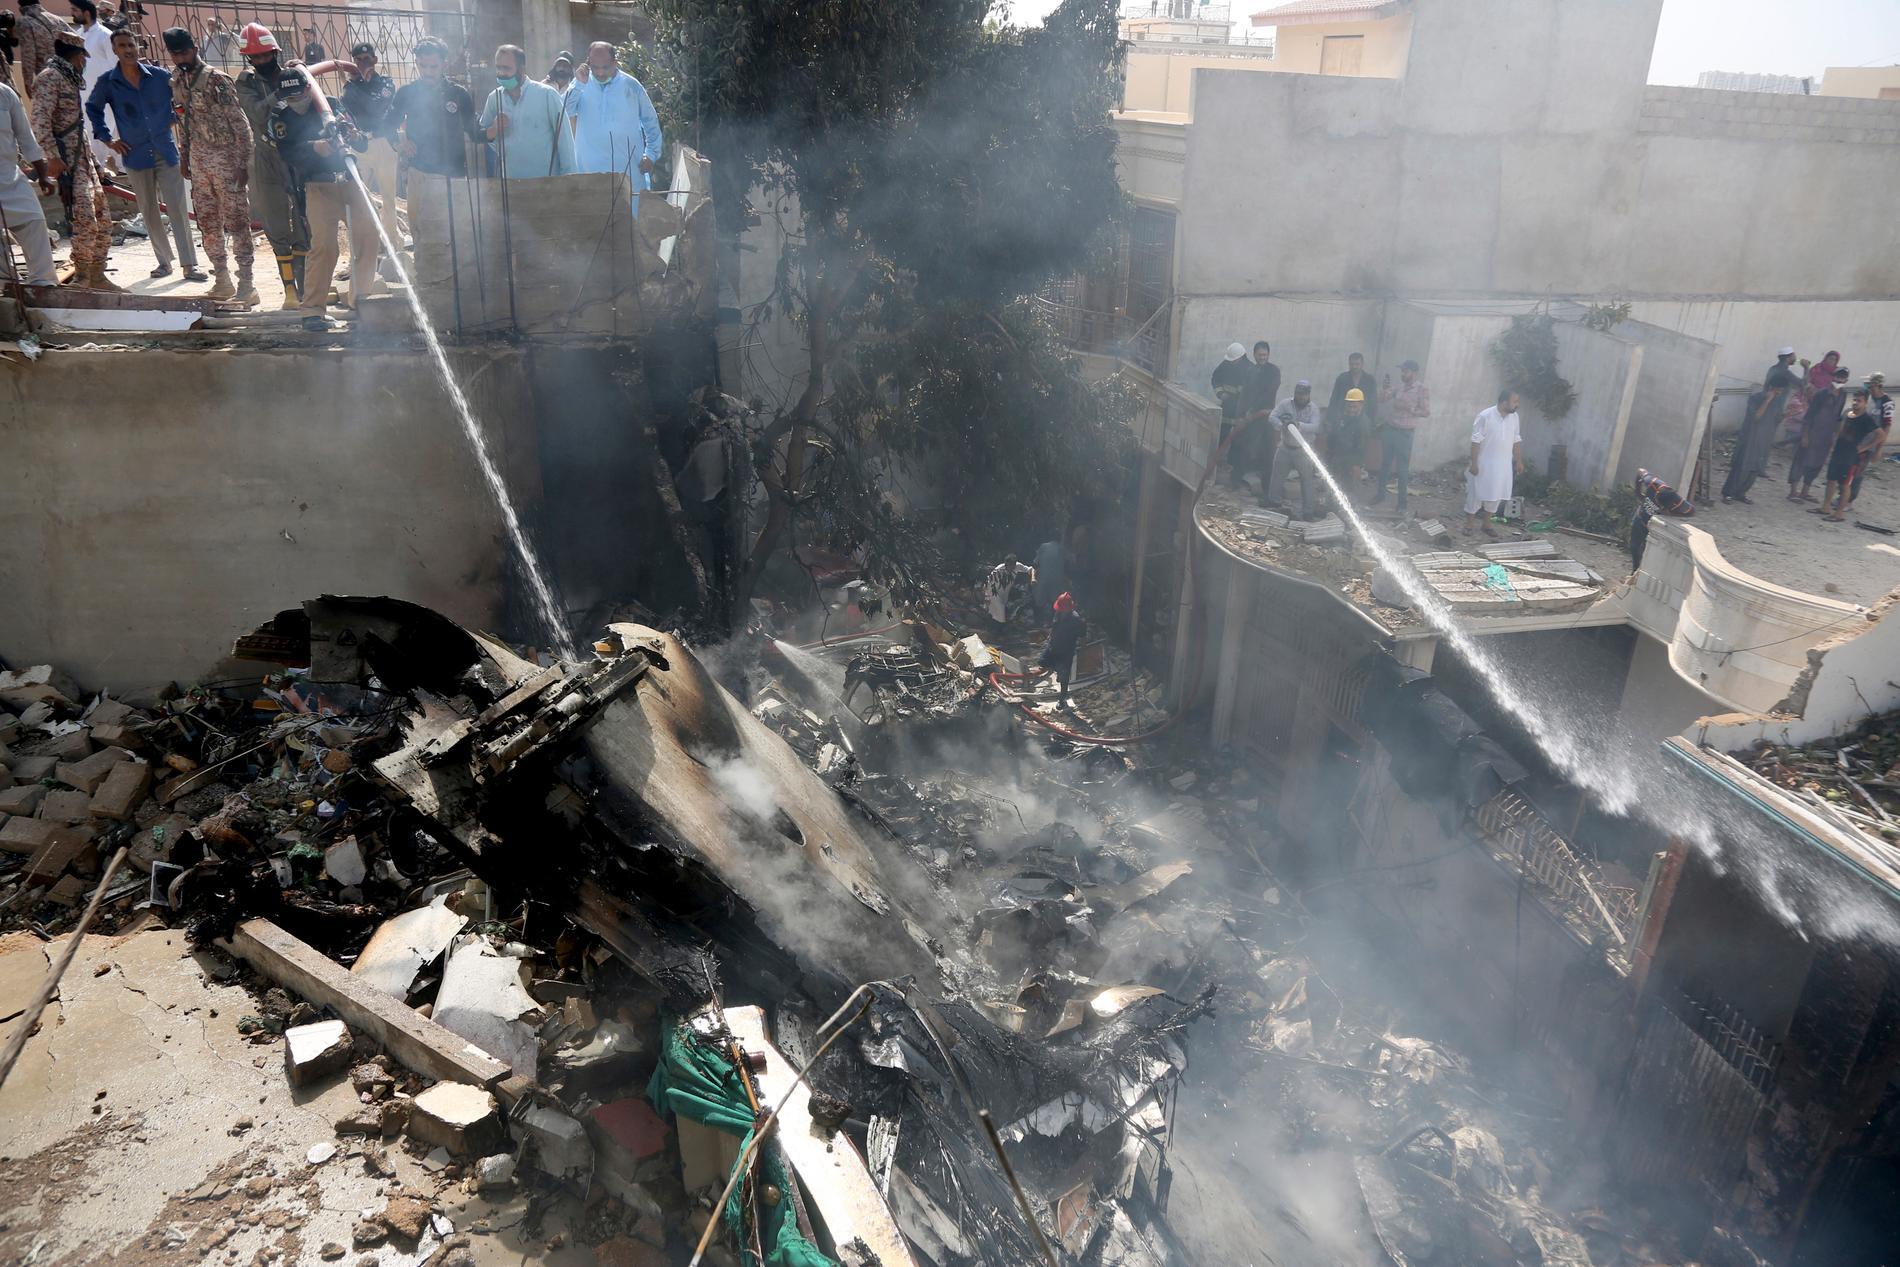 Ett passagerarflygplan har störtat i ett bostadsområde i staden Karachi i Pakistan.